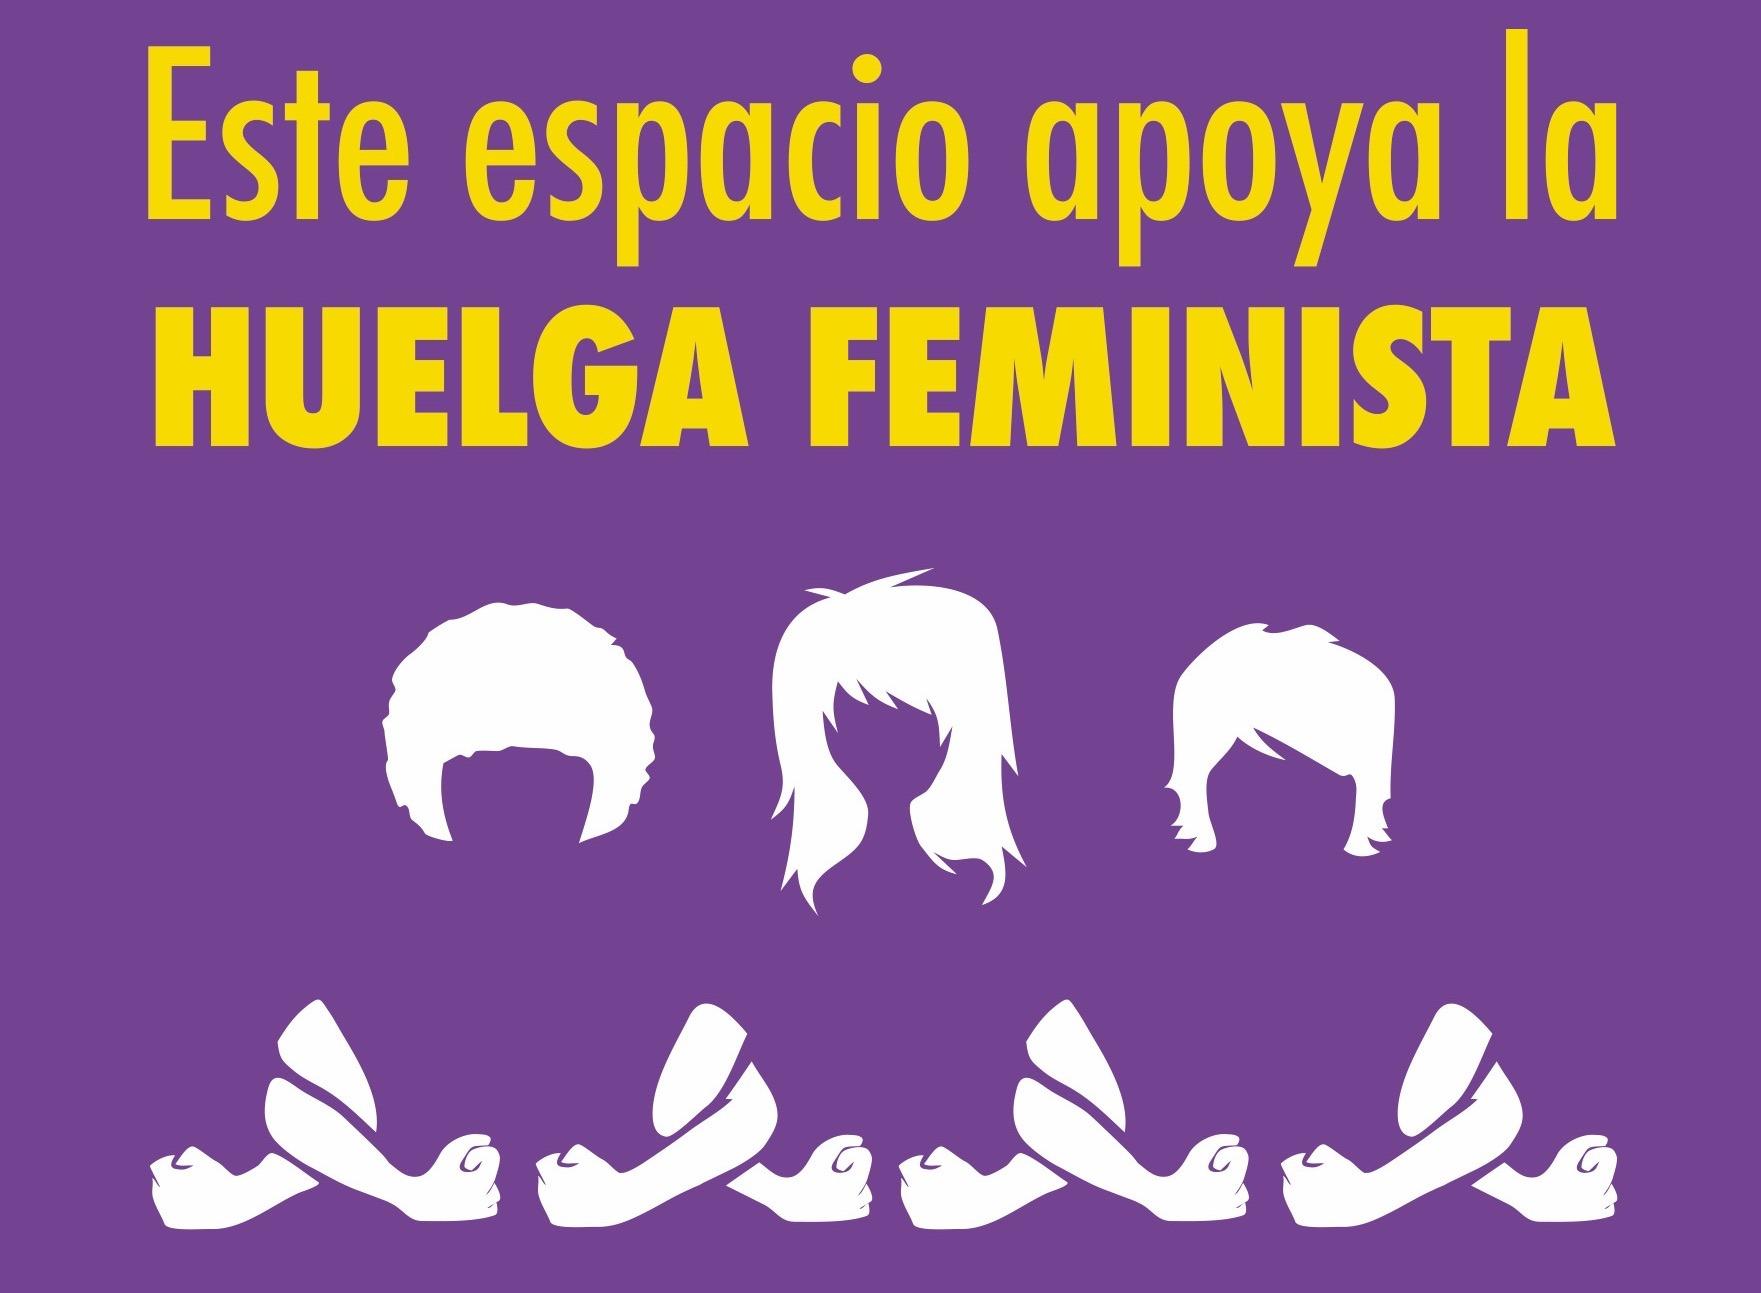 Asociación Realidades apoya la huelga feminista